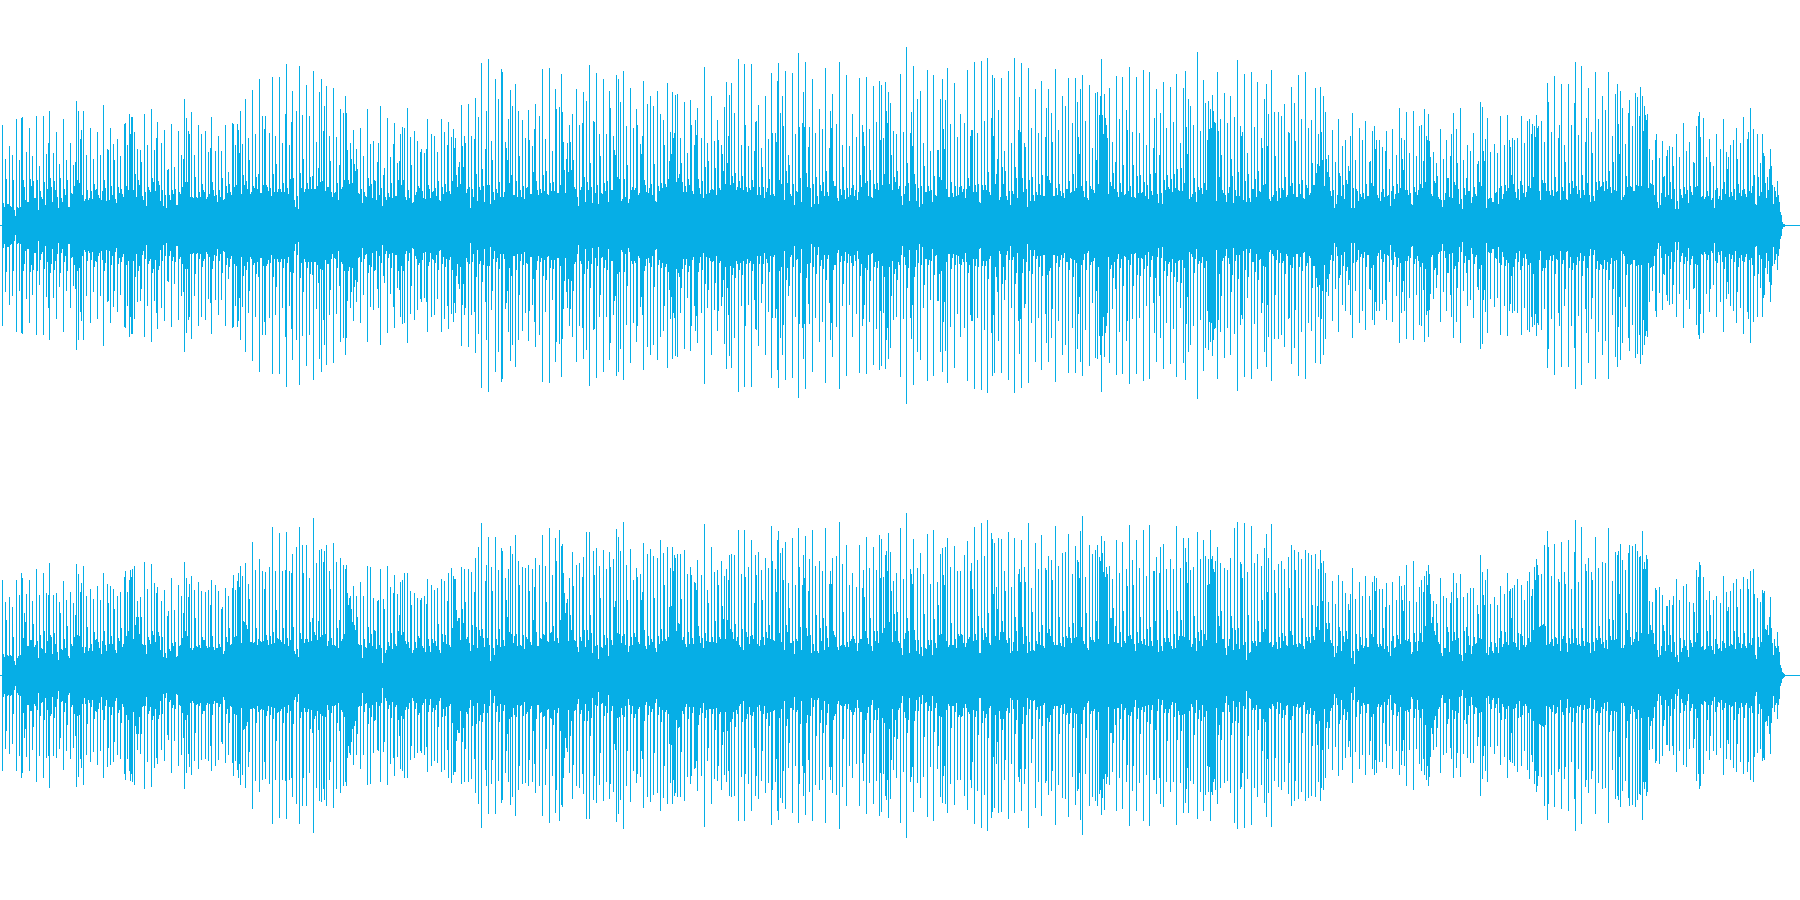 ハーモニカの明るい音色が素敵なポップな曲の再生済みの波形